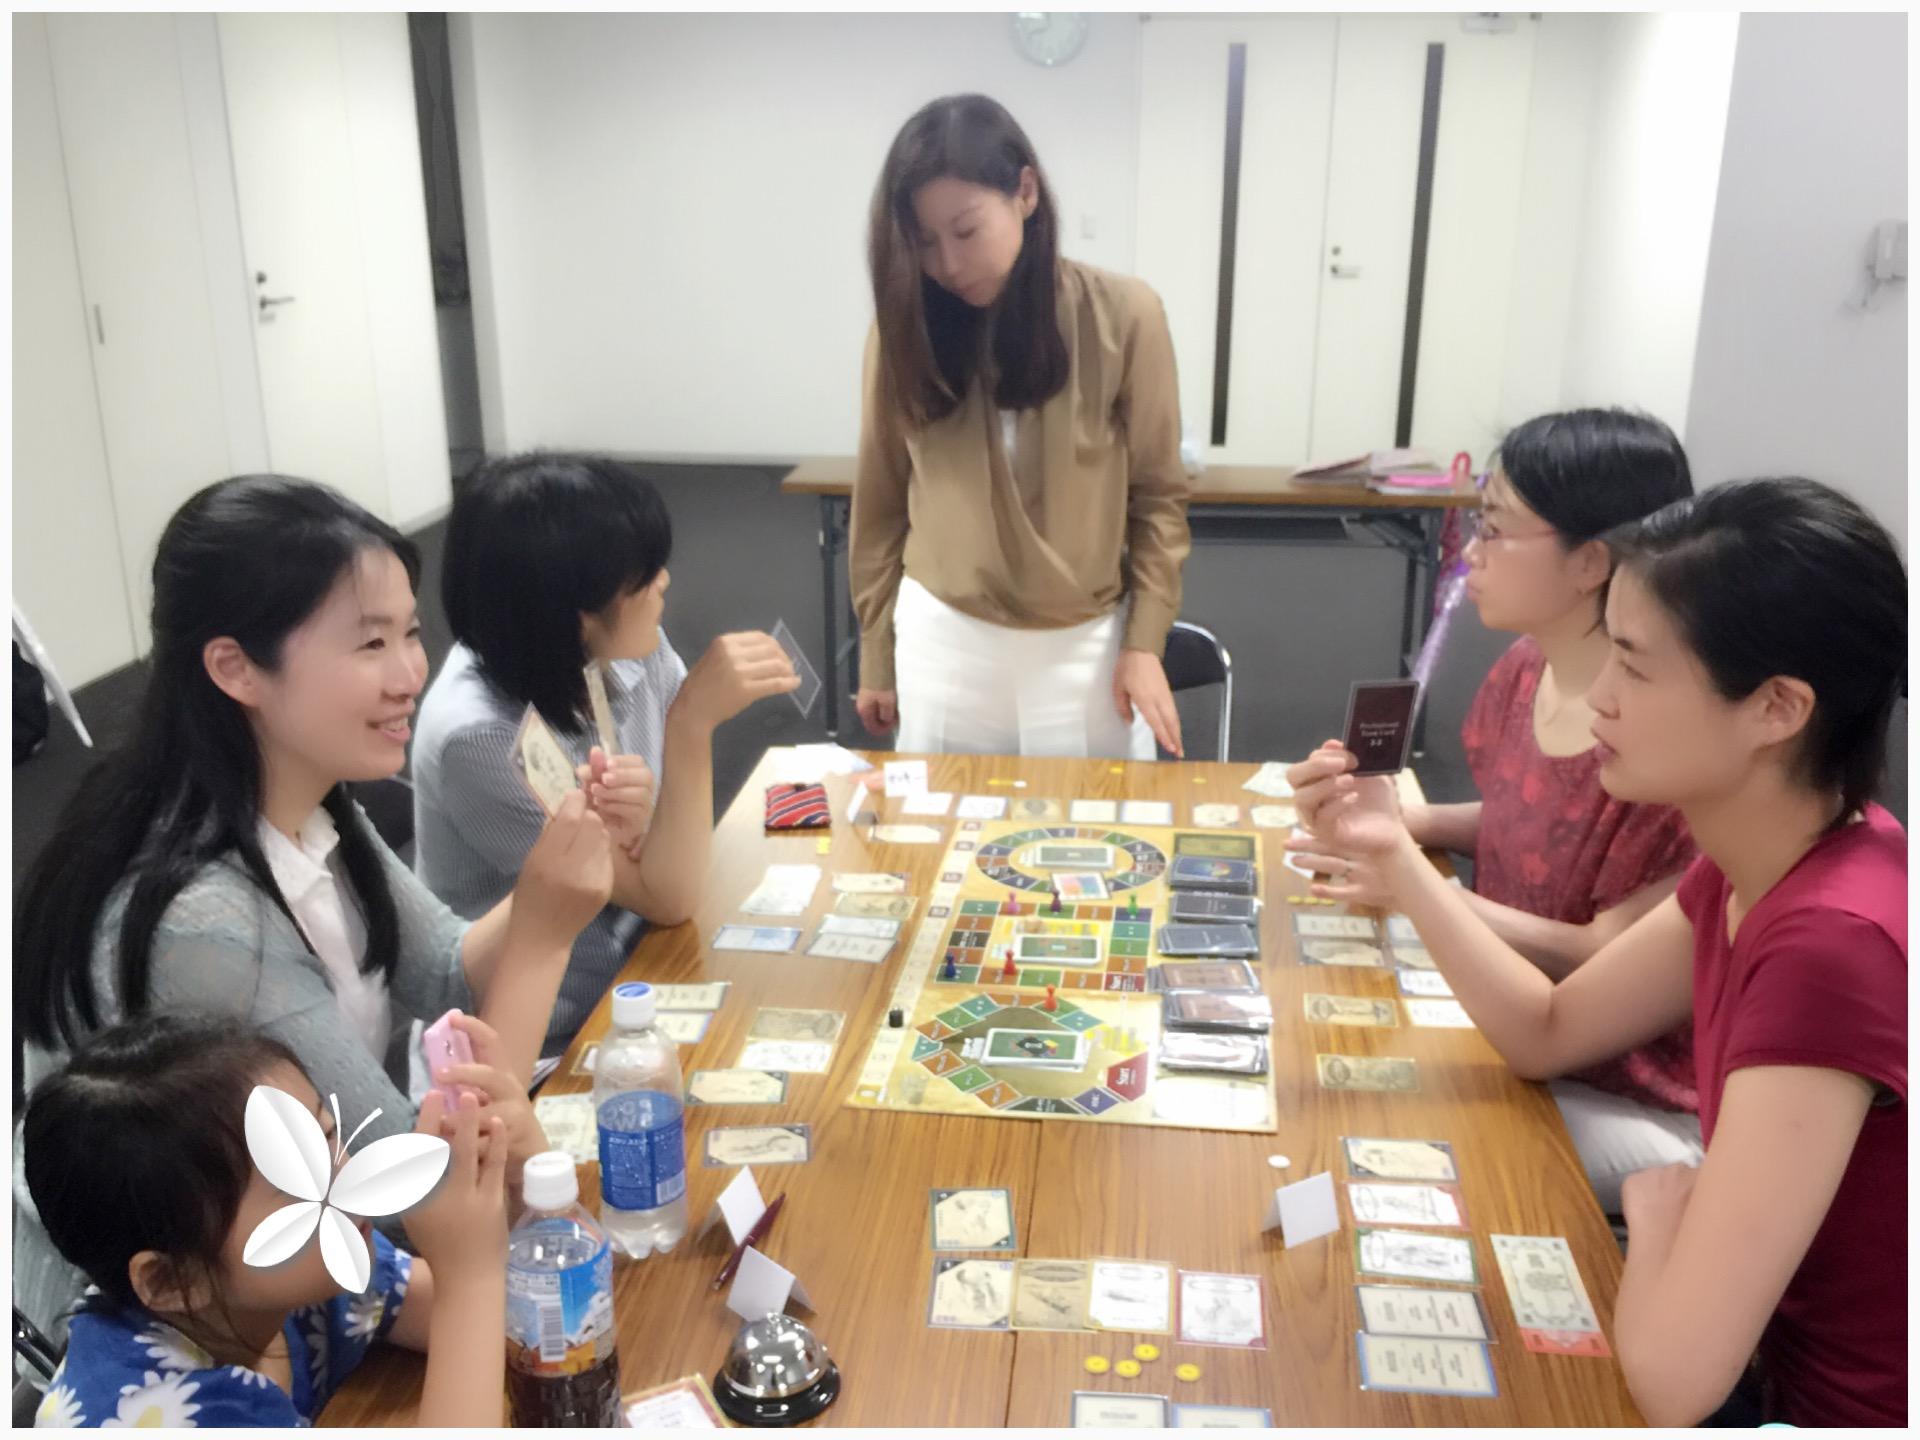 「7つの習慣 ボードゲーム会・東京開催」本日も 成功のスパイラルアップできました!